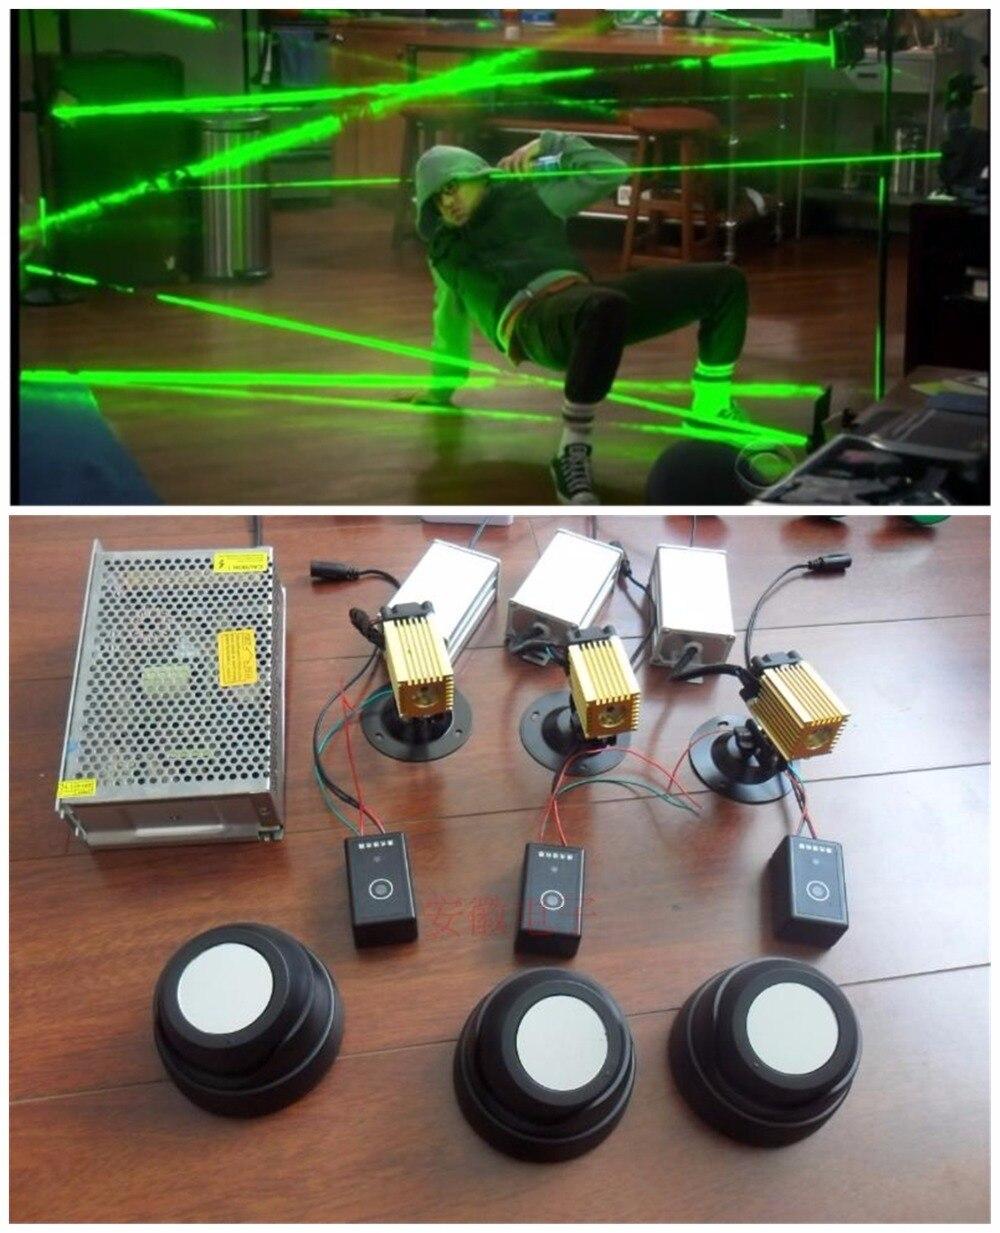 Кольцо дизайн magic penetralium побег реквизит реальной жизни номер зеленый лазерная массив палаты escape секрет игры комплект